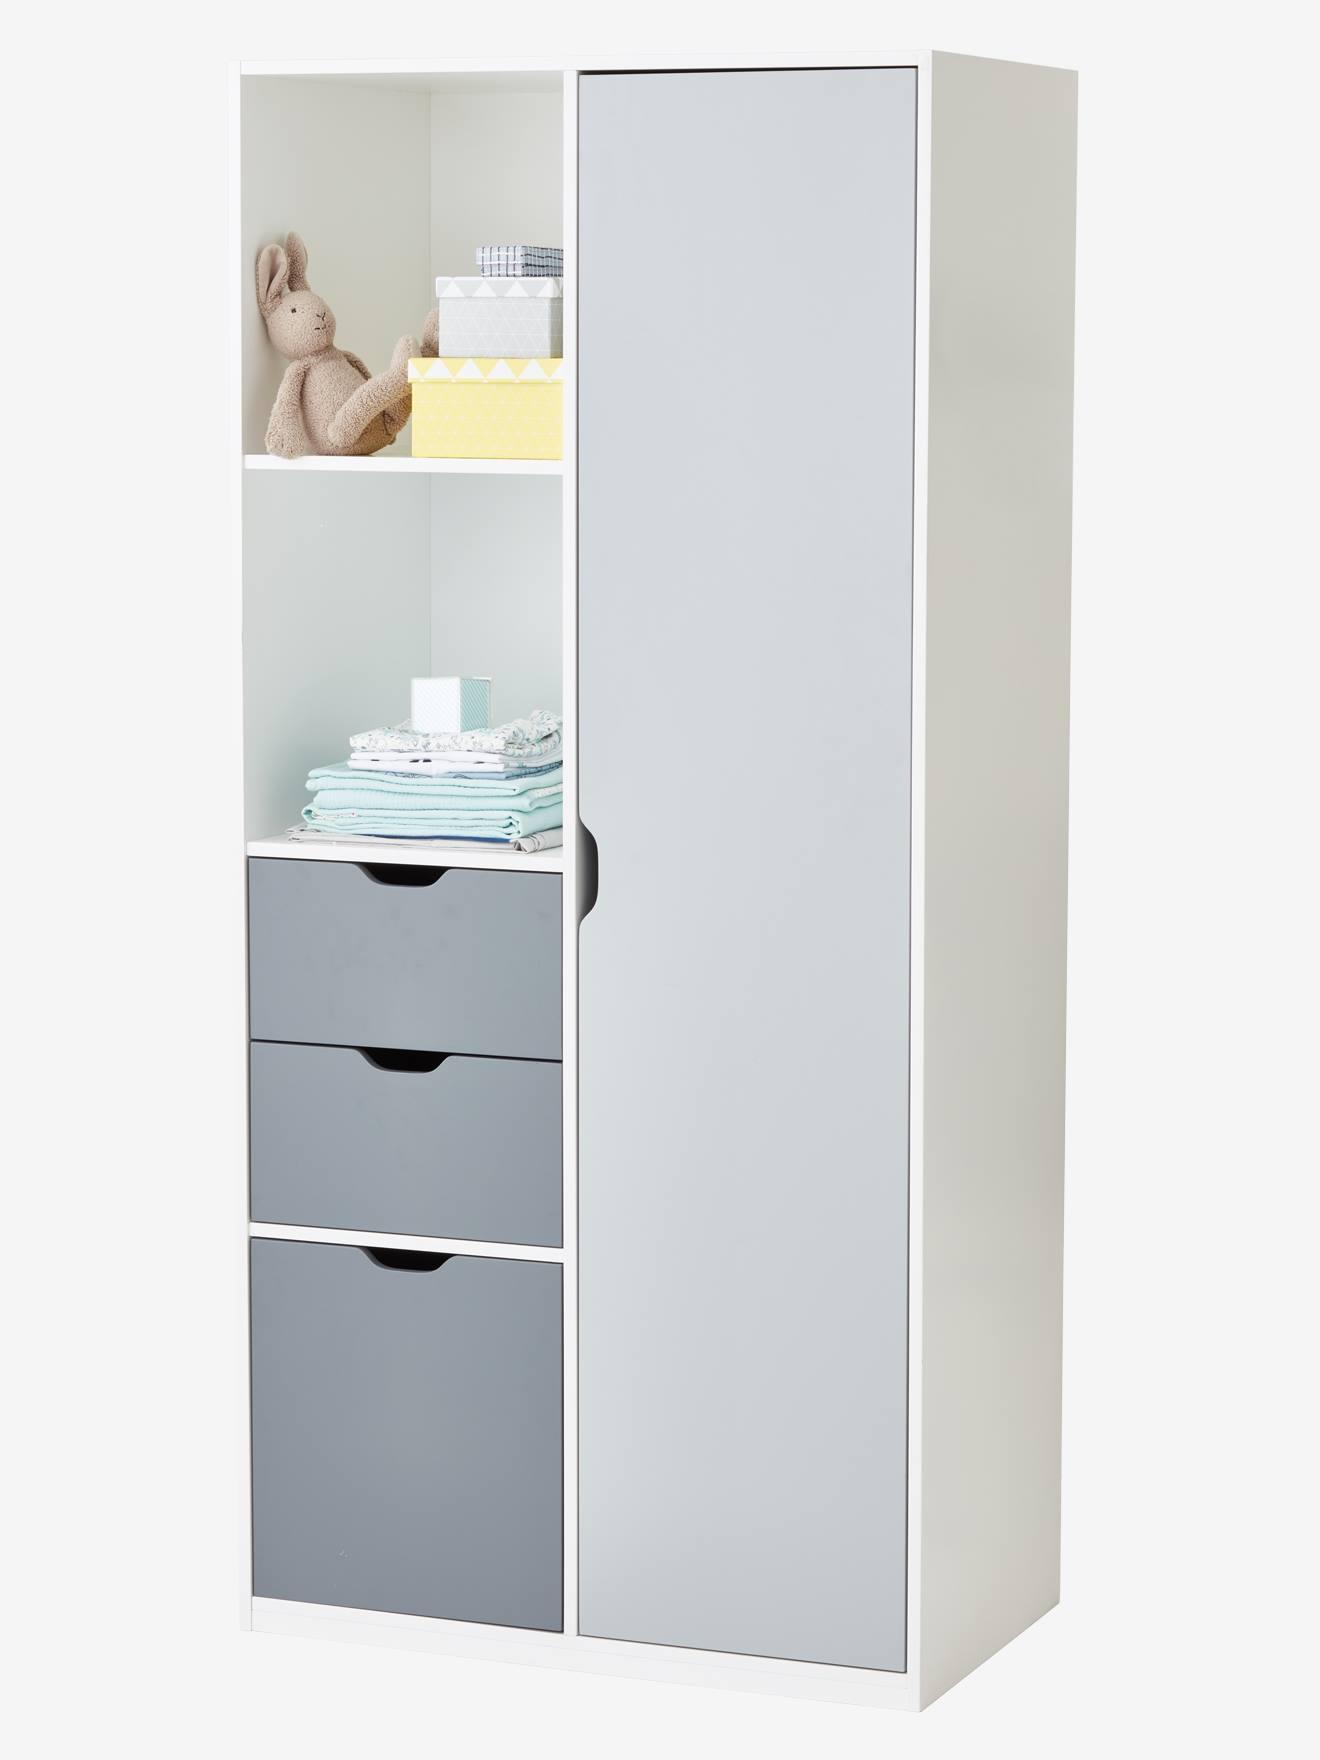 Mauvaise Odeur Armoire Linge armoire ligne passe-passe - blanc/gris, chambre et rangement